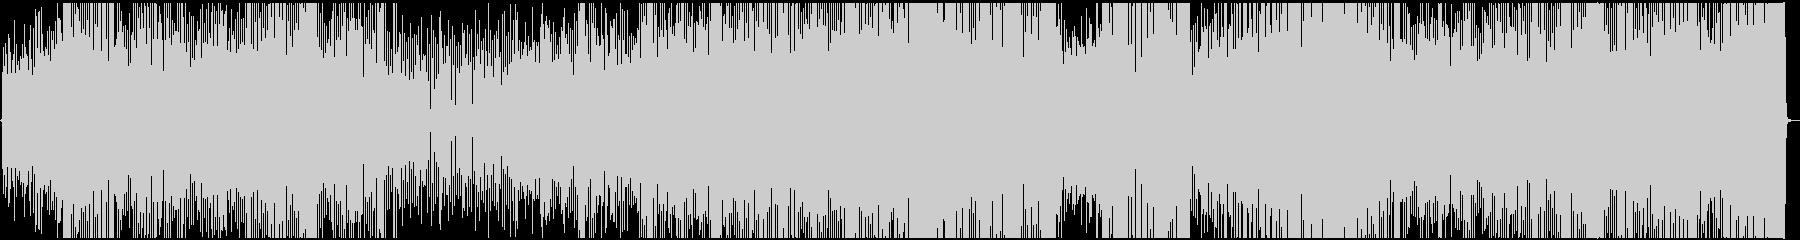 踊れるラテンナンバーの未再生の波形